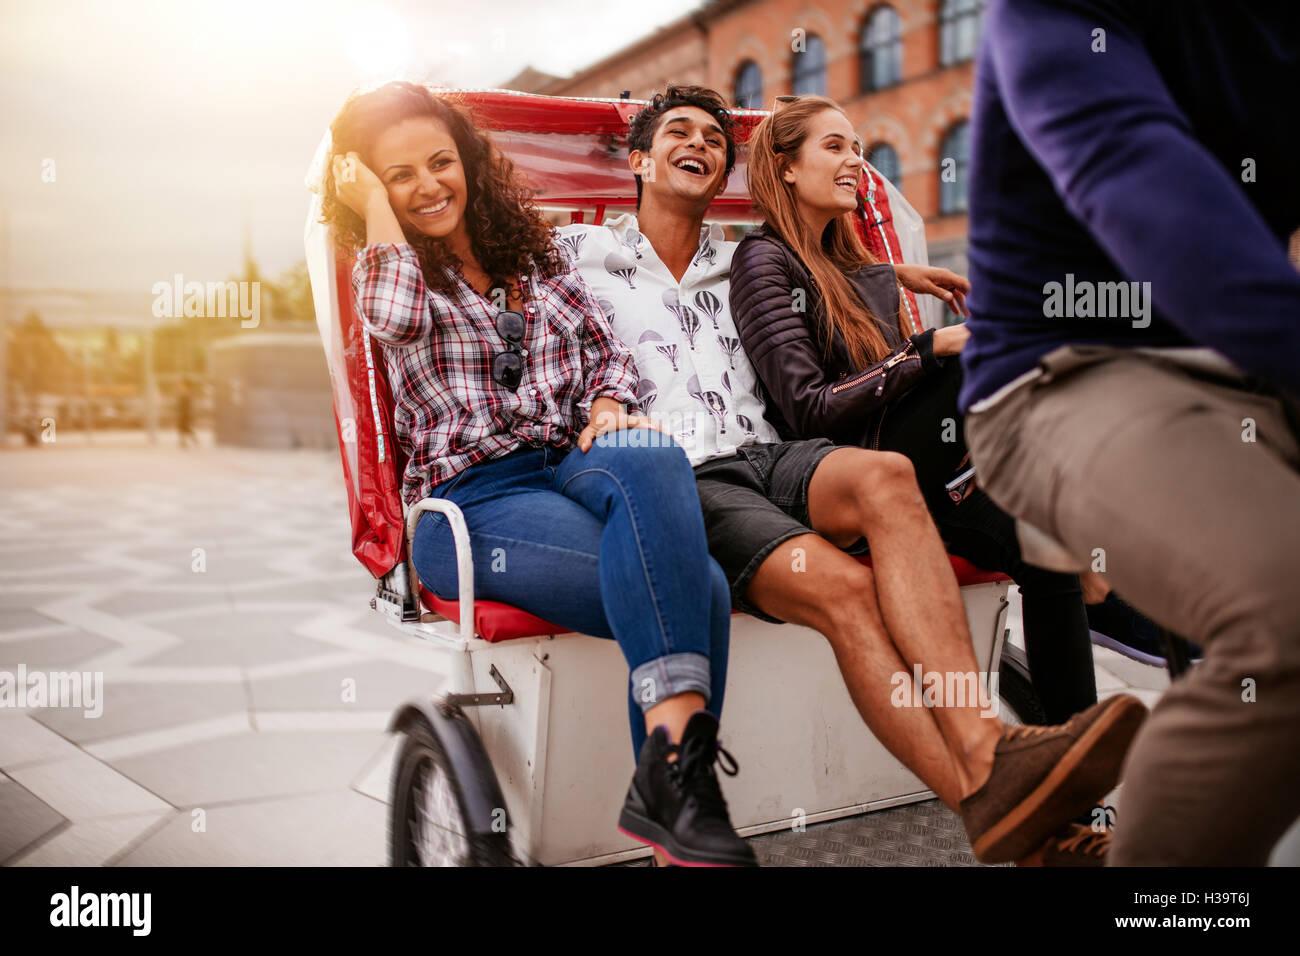 Teenage friends enjoying tricycle ride dans la ville. Les adolescents équitation sur tricycle sur route et Photo Stock